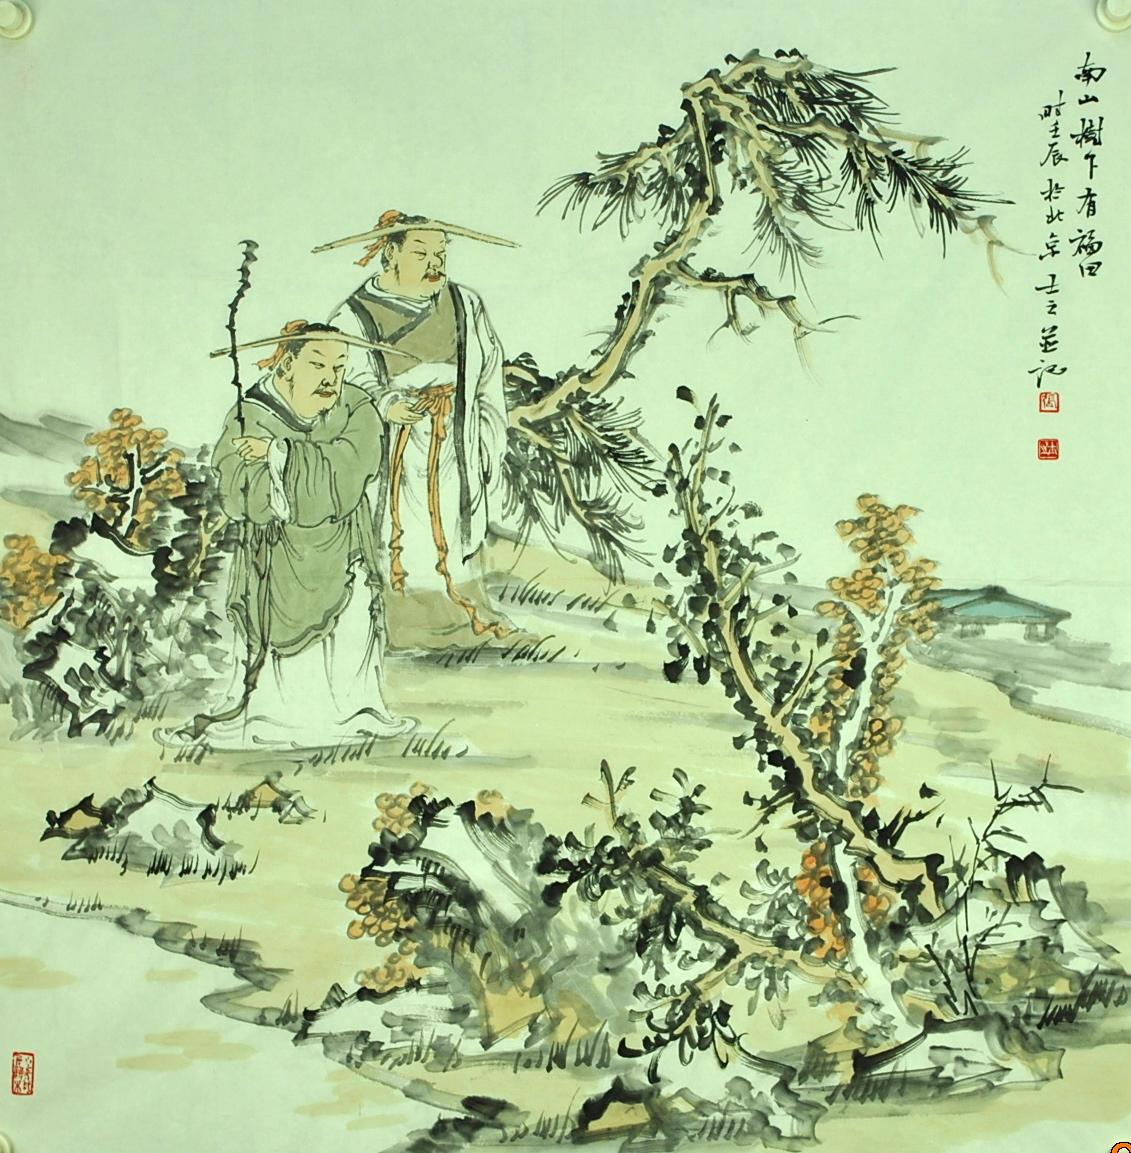 首页 > 国画作品   标题: 南山树下有福田 编号: 3300        张士之